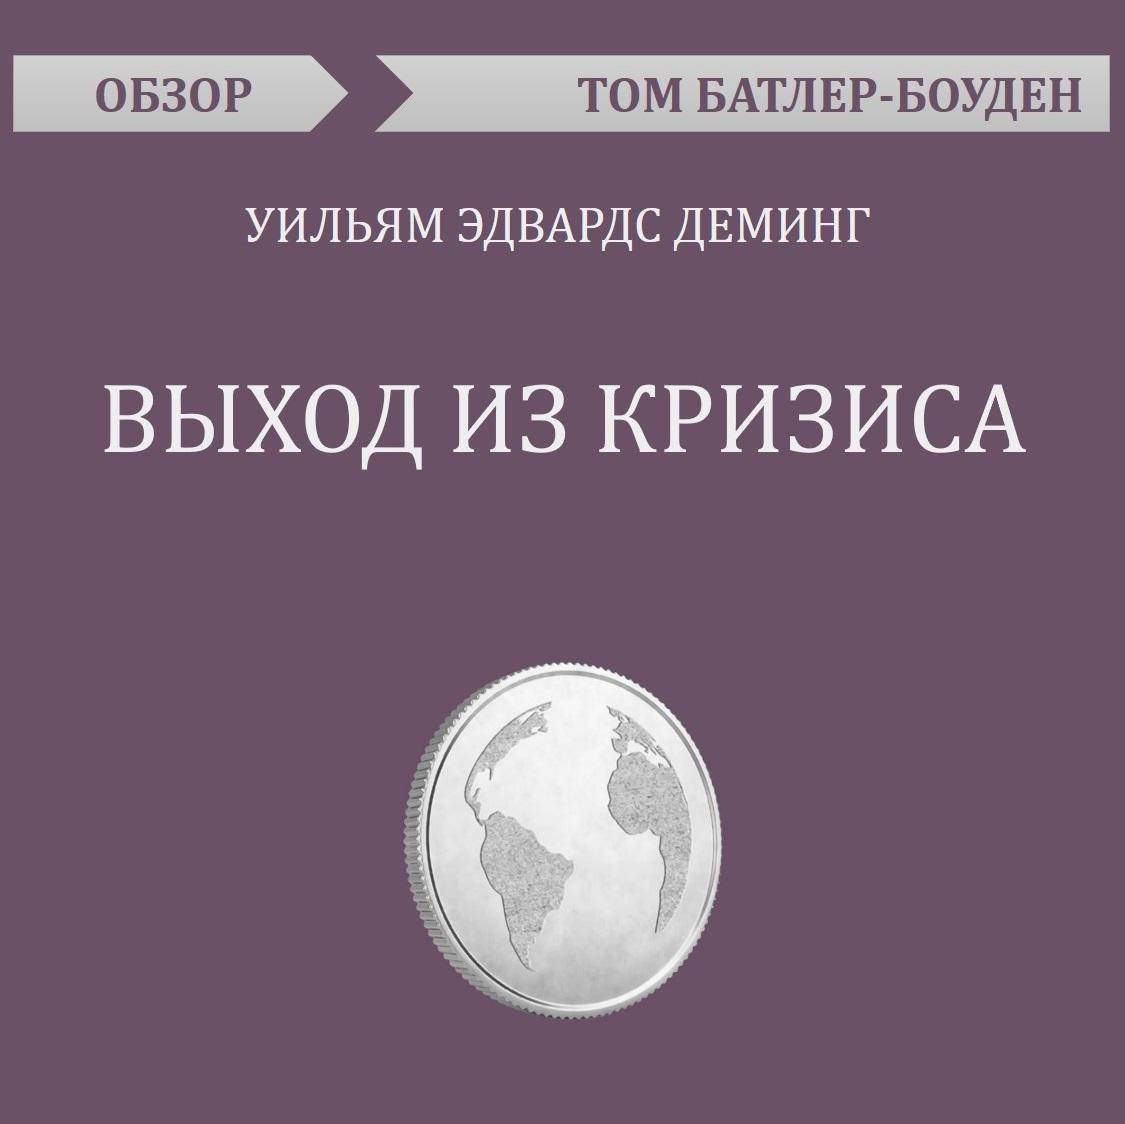 Купить книгу Выход из кризиса. Уильям Эдвардс Деминг (обзор), автора Тома Батлера-Боудона